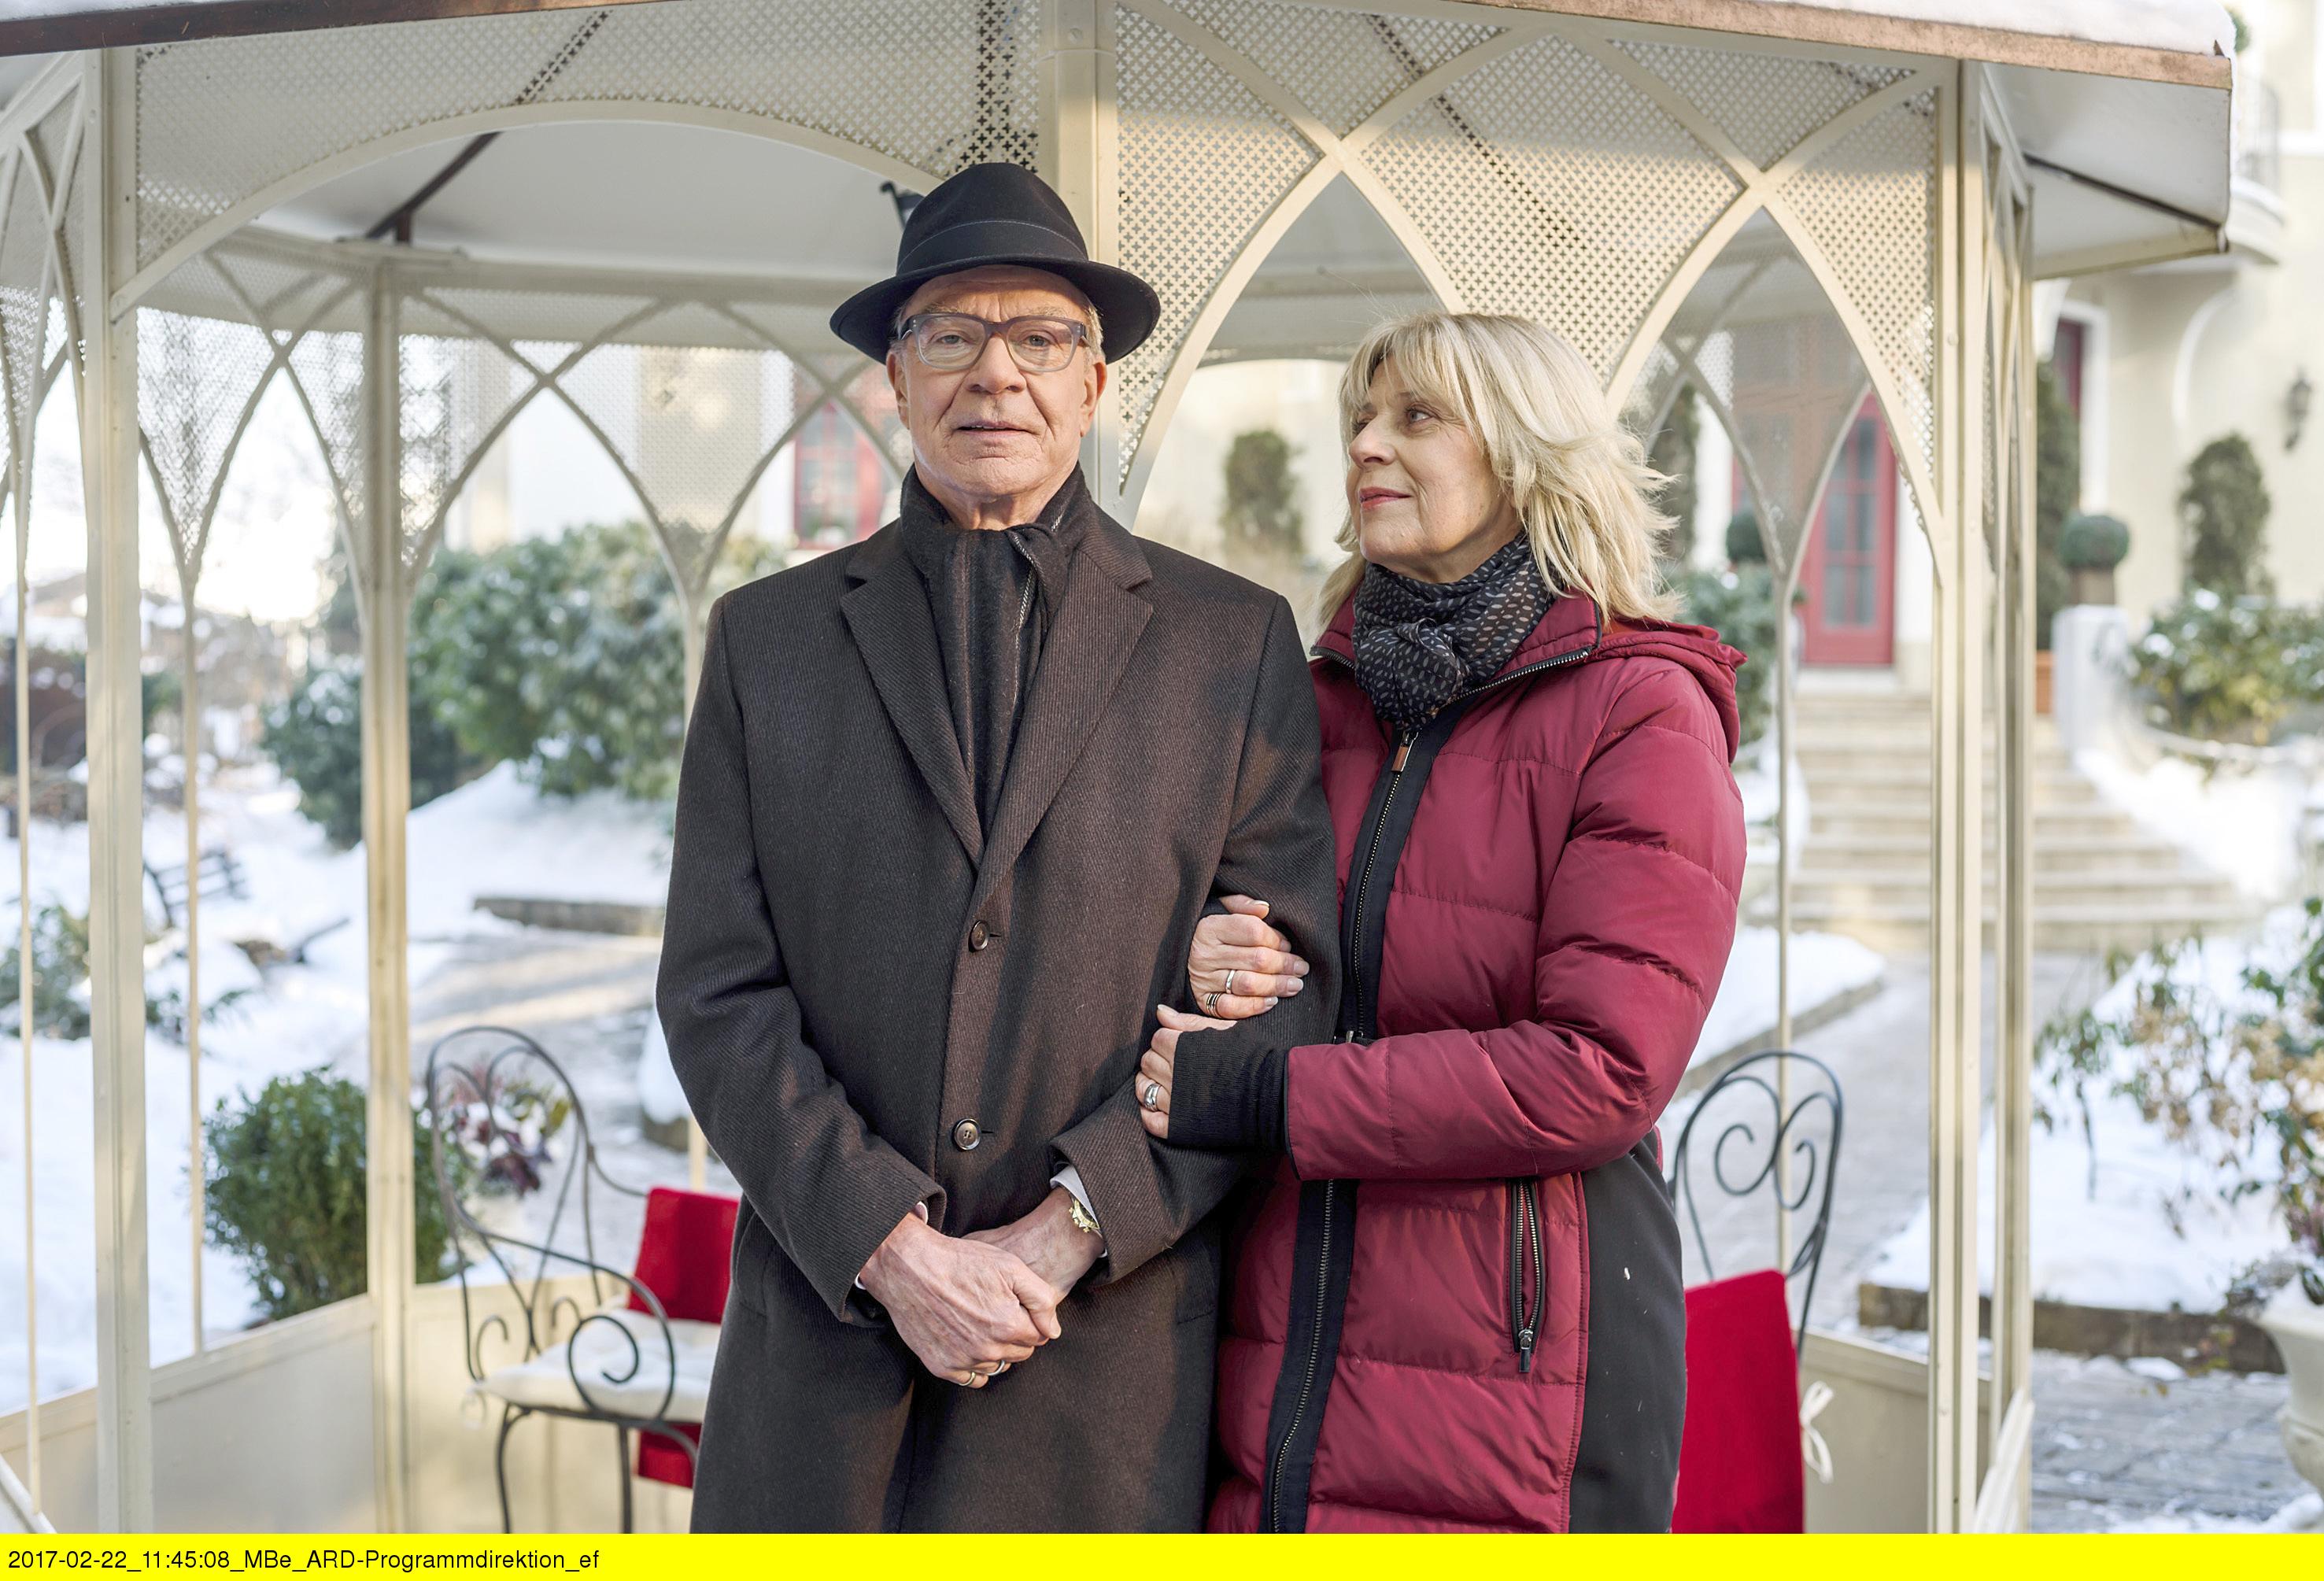 ARD STURM DER LIEBE FOLGE 2662, am Mittwoch (05.04.17) um 15:10 Uhr im ERSTEN. Charlotte (Mona Seefried, r.) liebt Werner (Dirk Galuba, l.) immer noch. (Quelle: ARD/Christof Arnold)